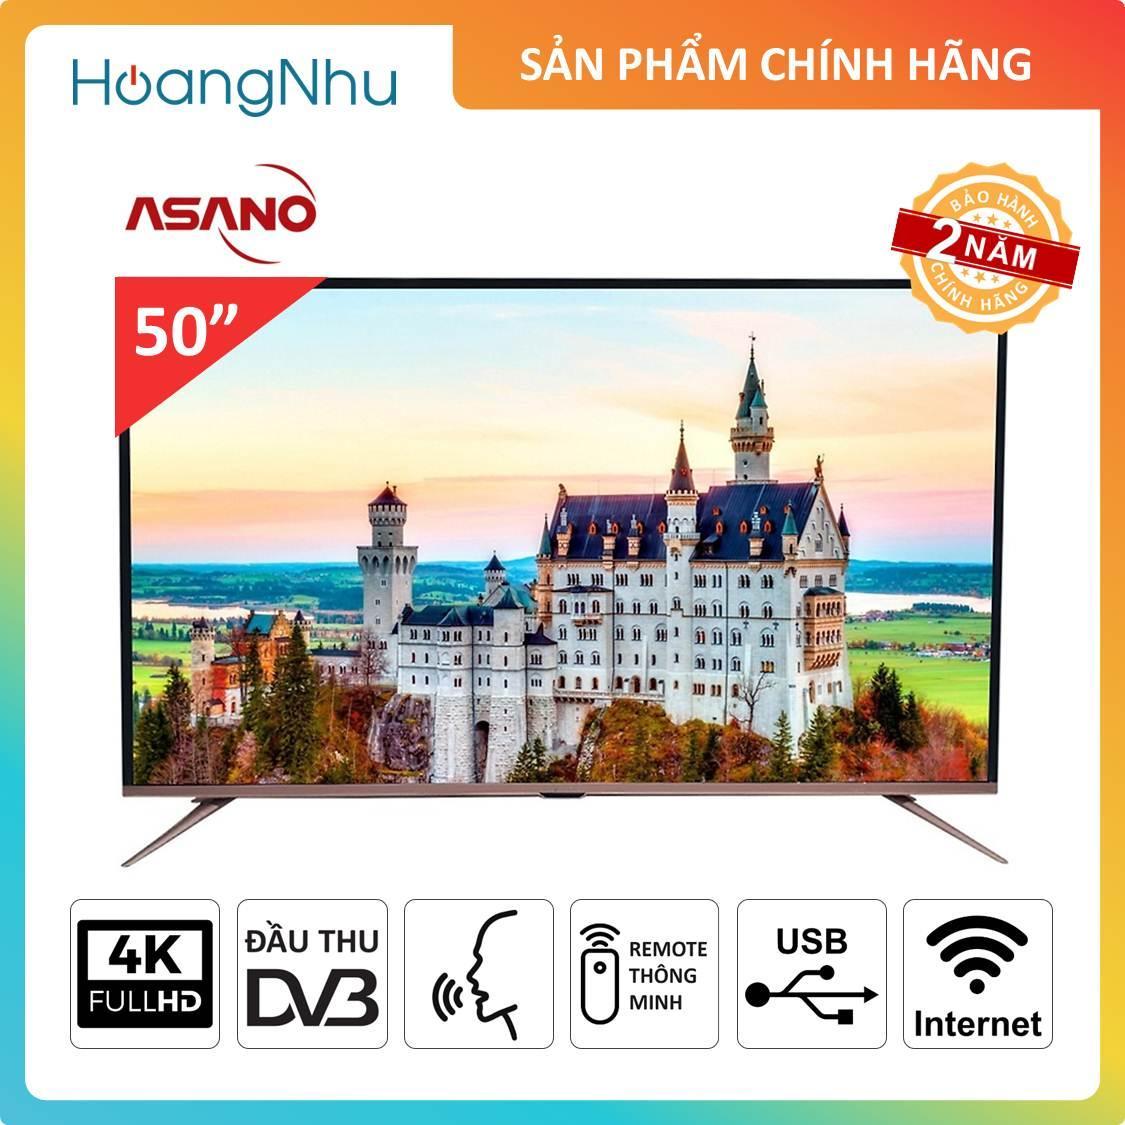 Bảng giá Smart Voice 4K TV Asano 50 inch 50EK7 (Tivi thông minh, UHD 4K, Wifi, Điều khiển giọng nói, truyền hình KTS) - Bảo hành 2 năm